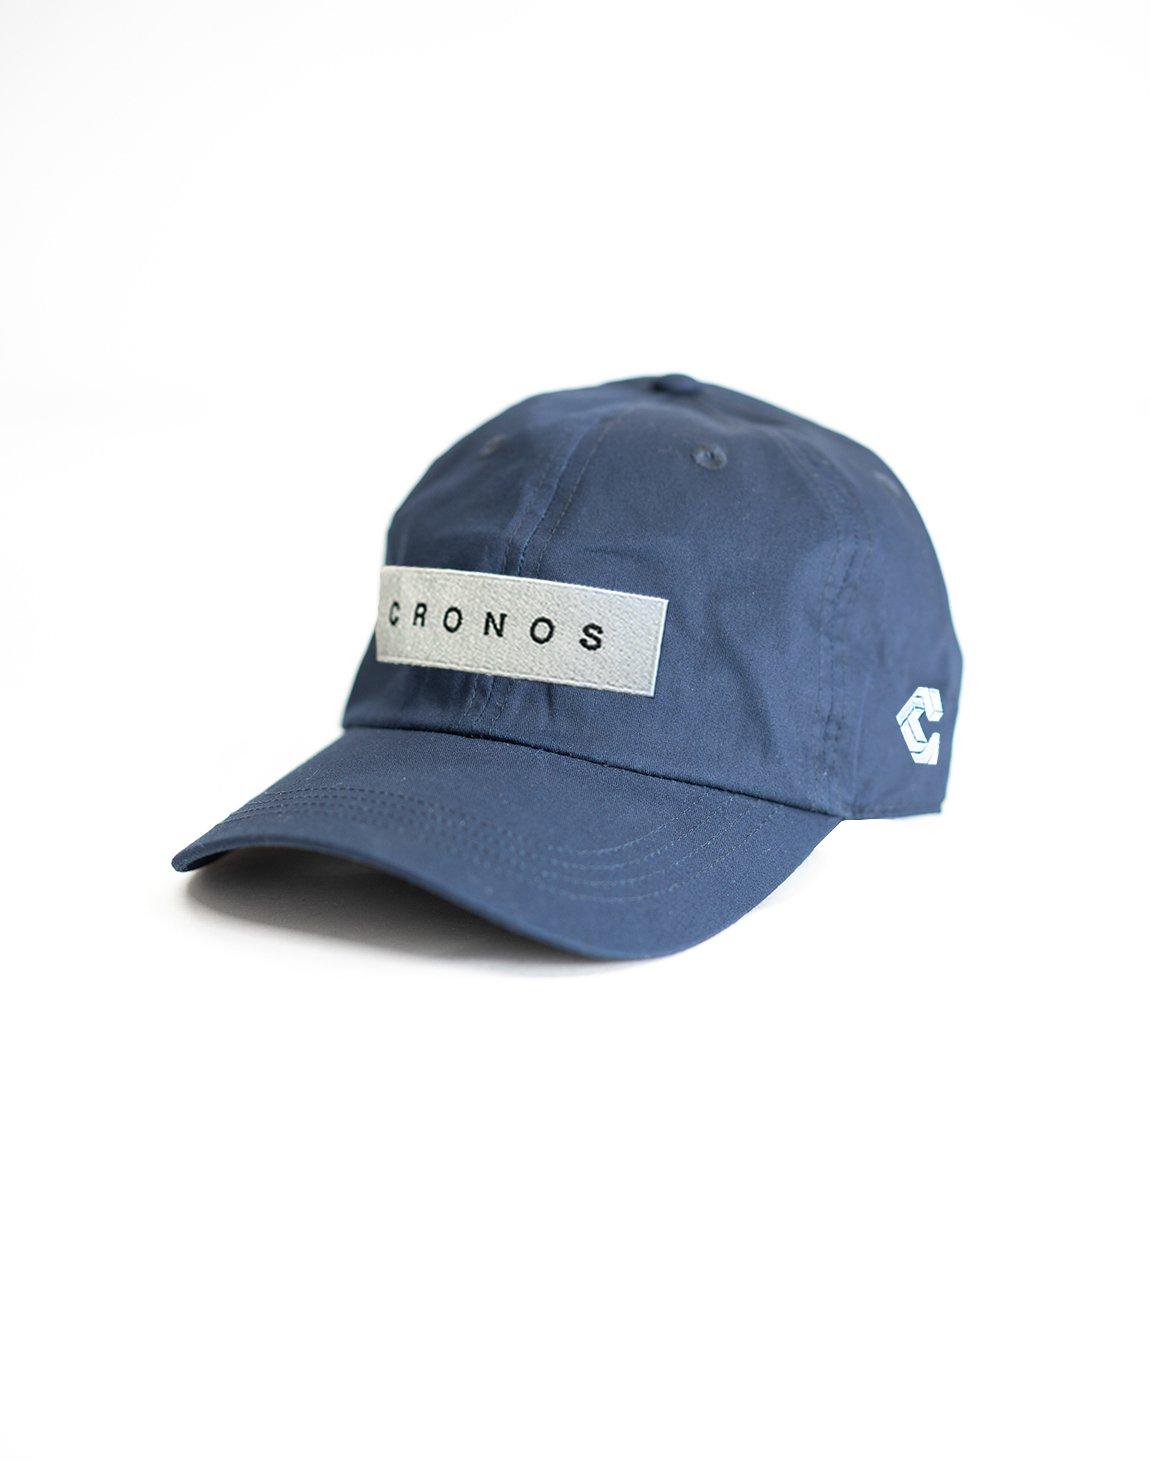 CRONOS BOX LOGO CAP 【NAVY】